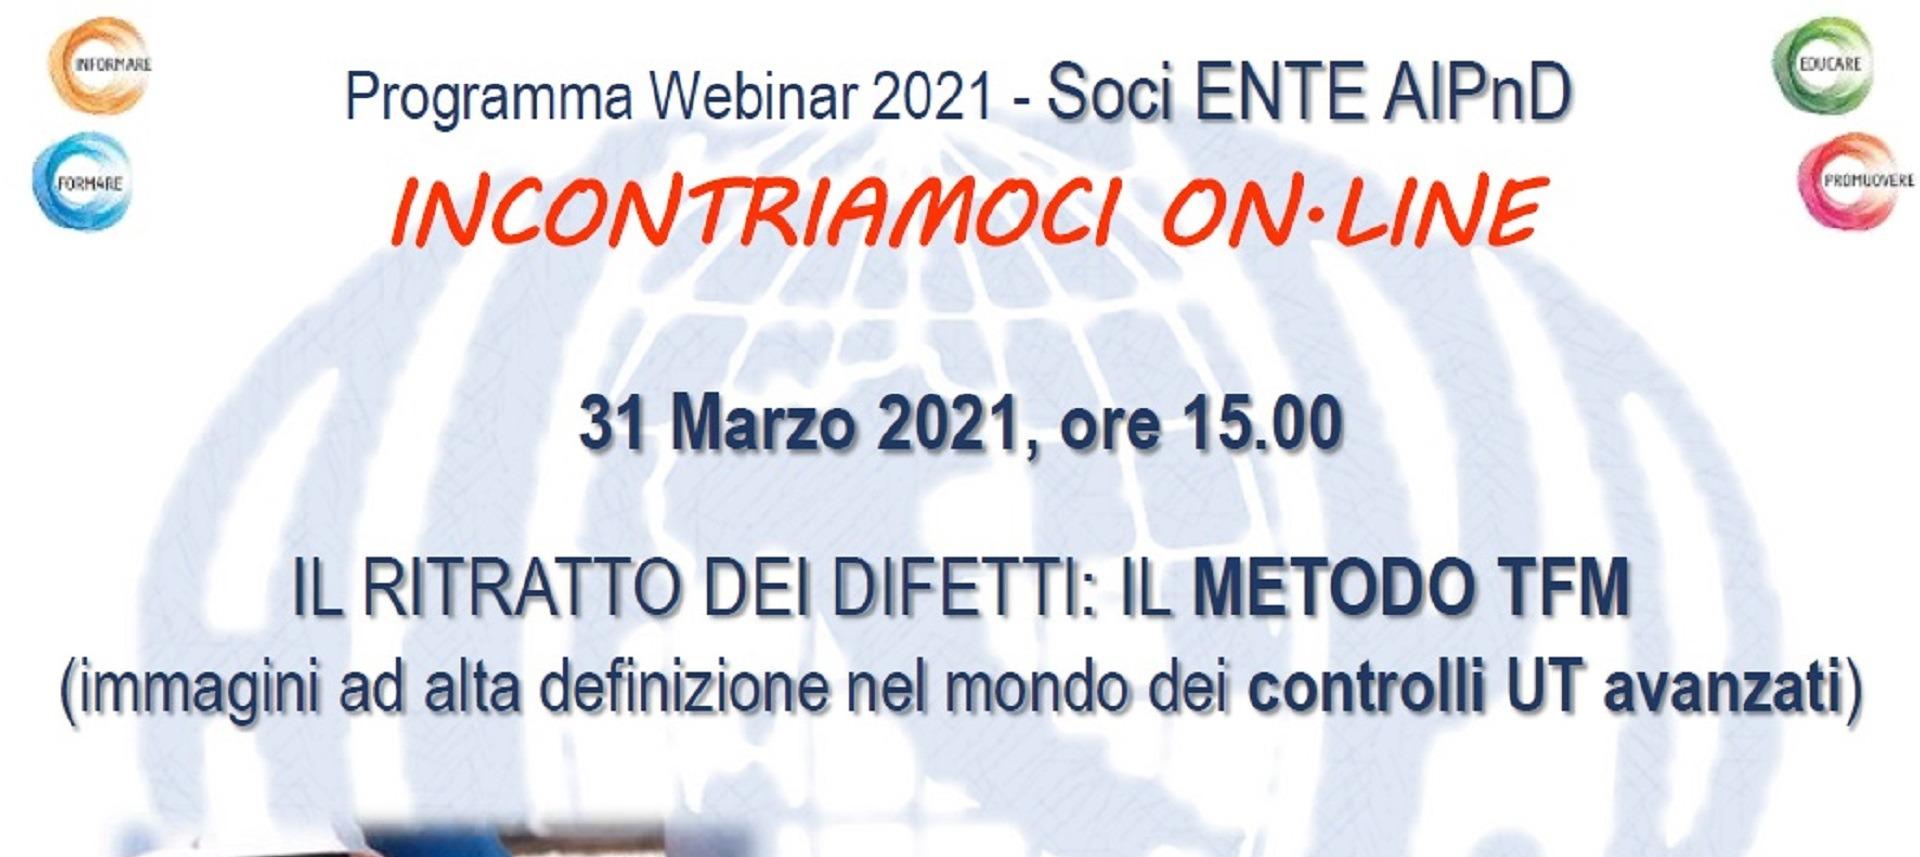 News Socio Confindustria Brescia - Il ritratto dei difetti: il Metodo TFM (31.03.2021)